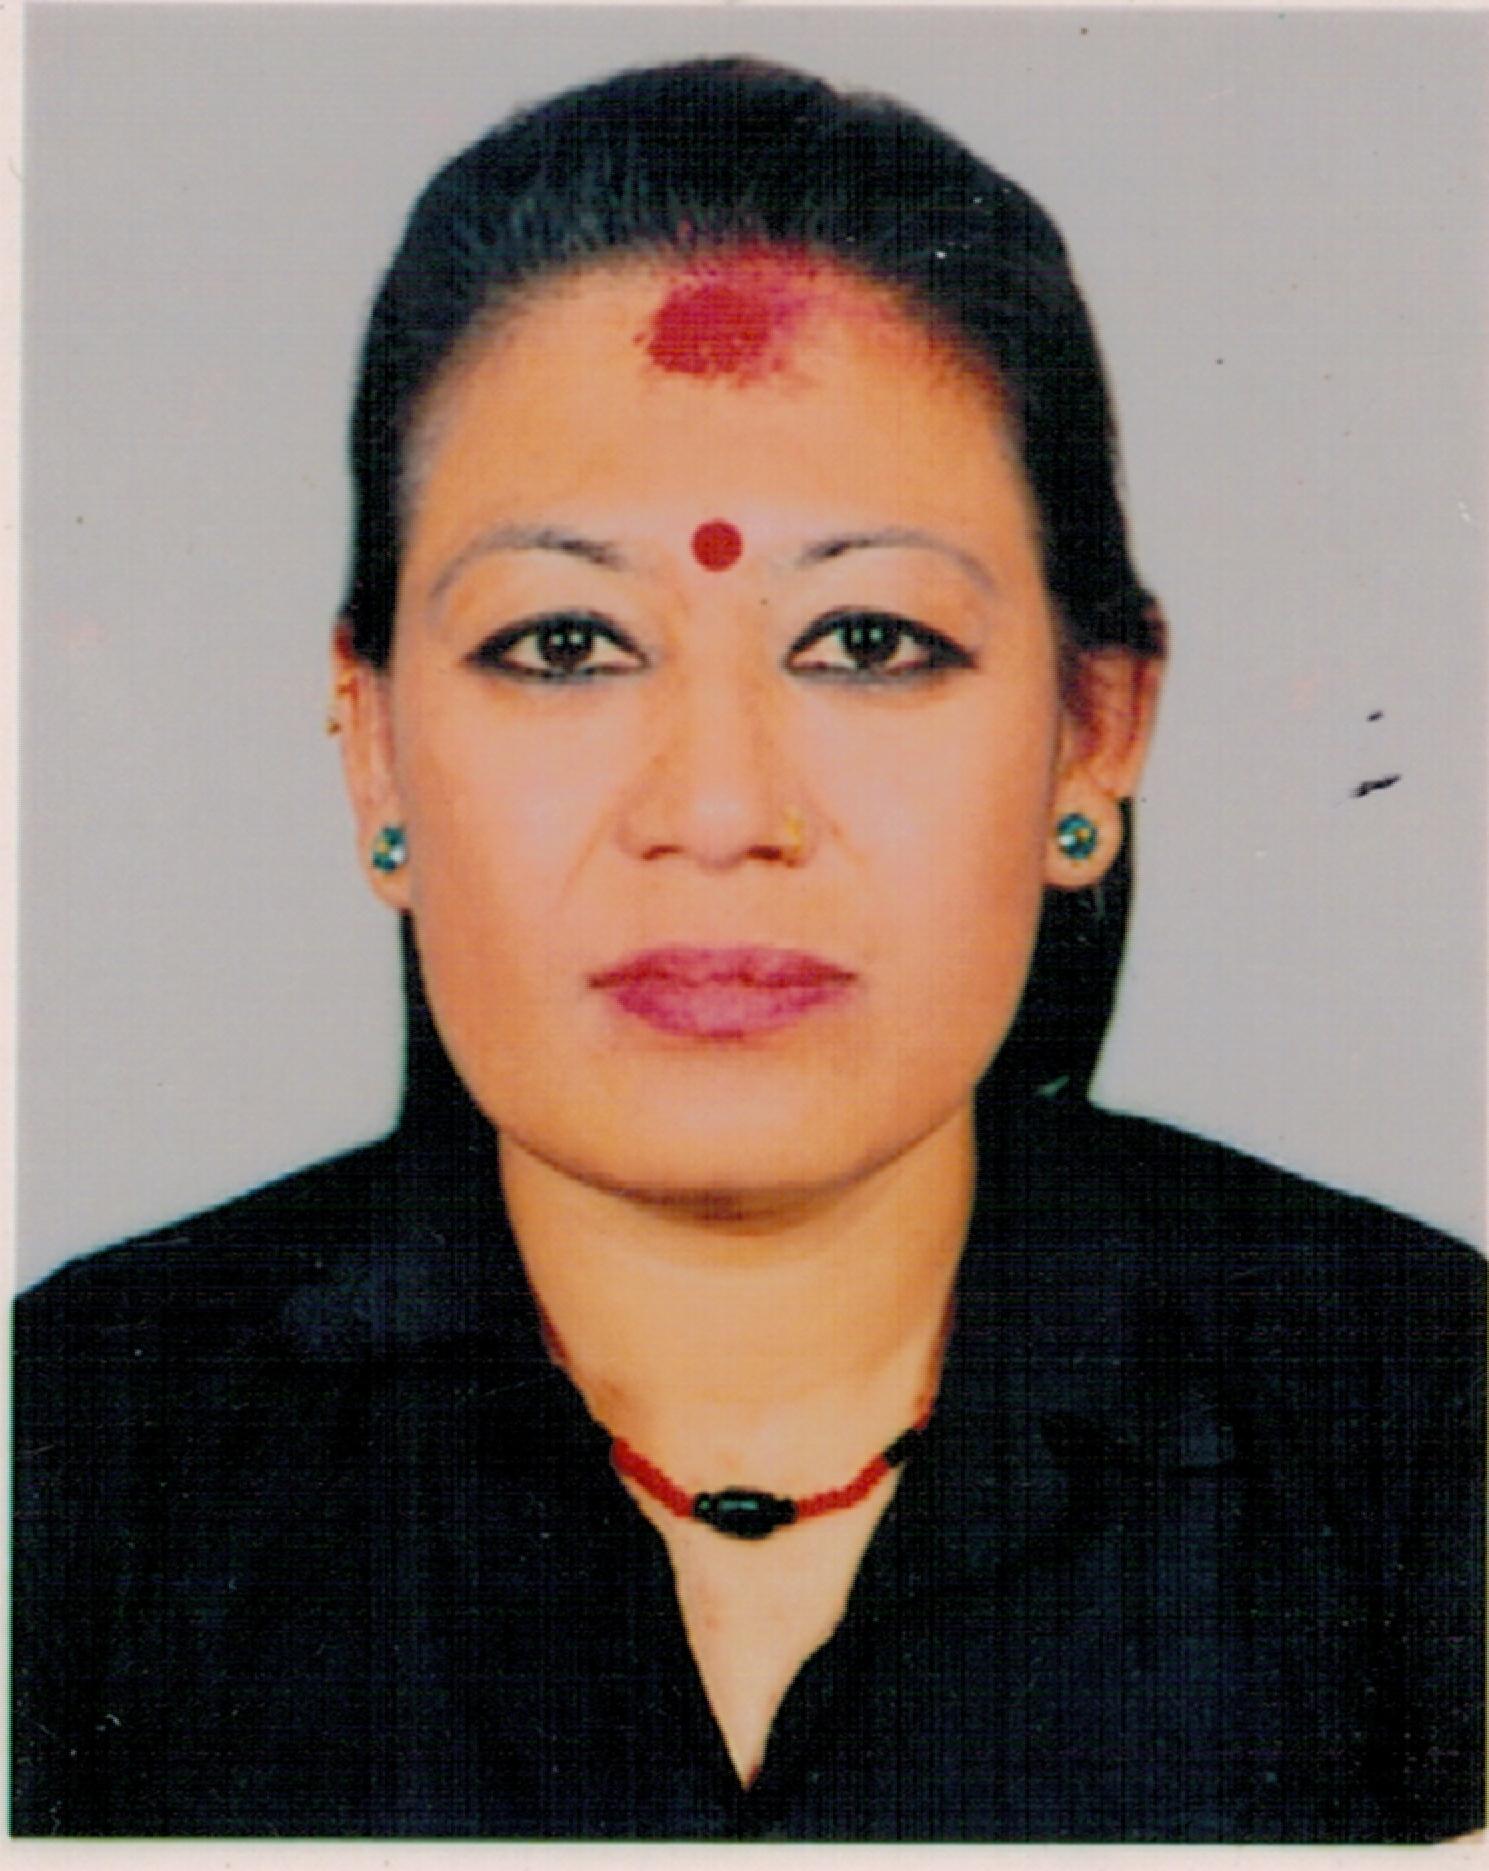 bhagwoti-thapa